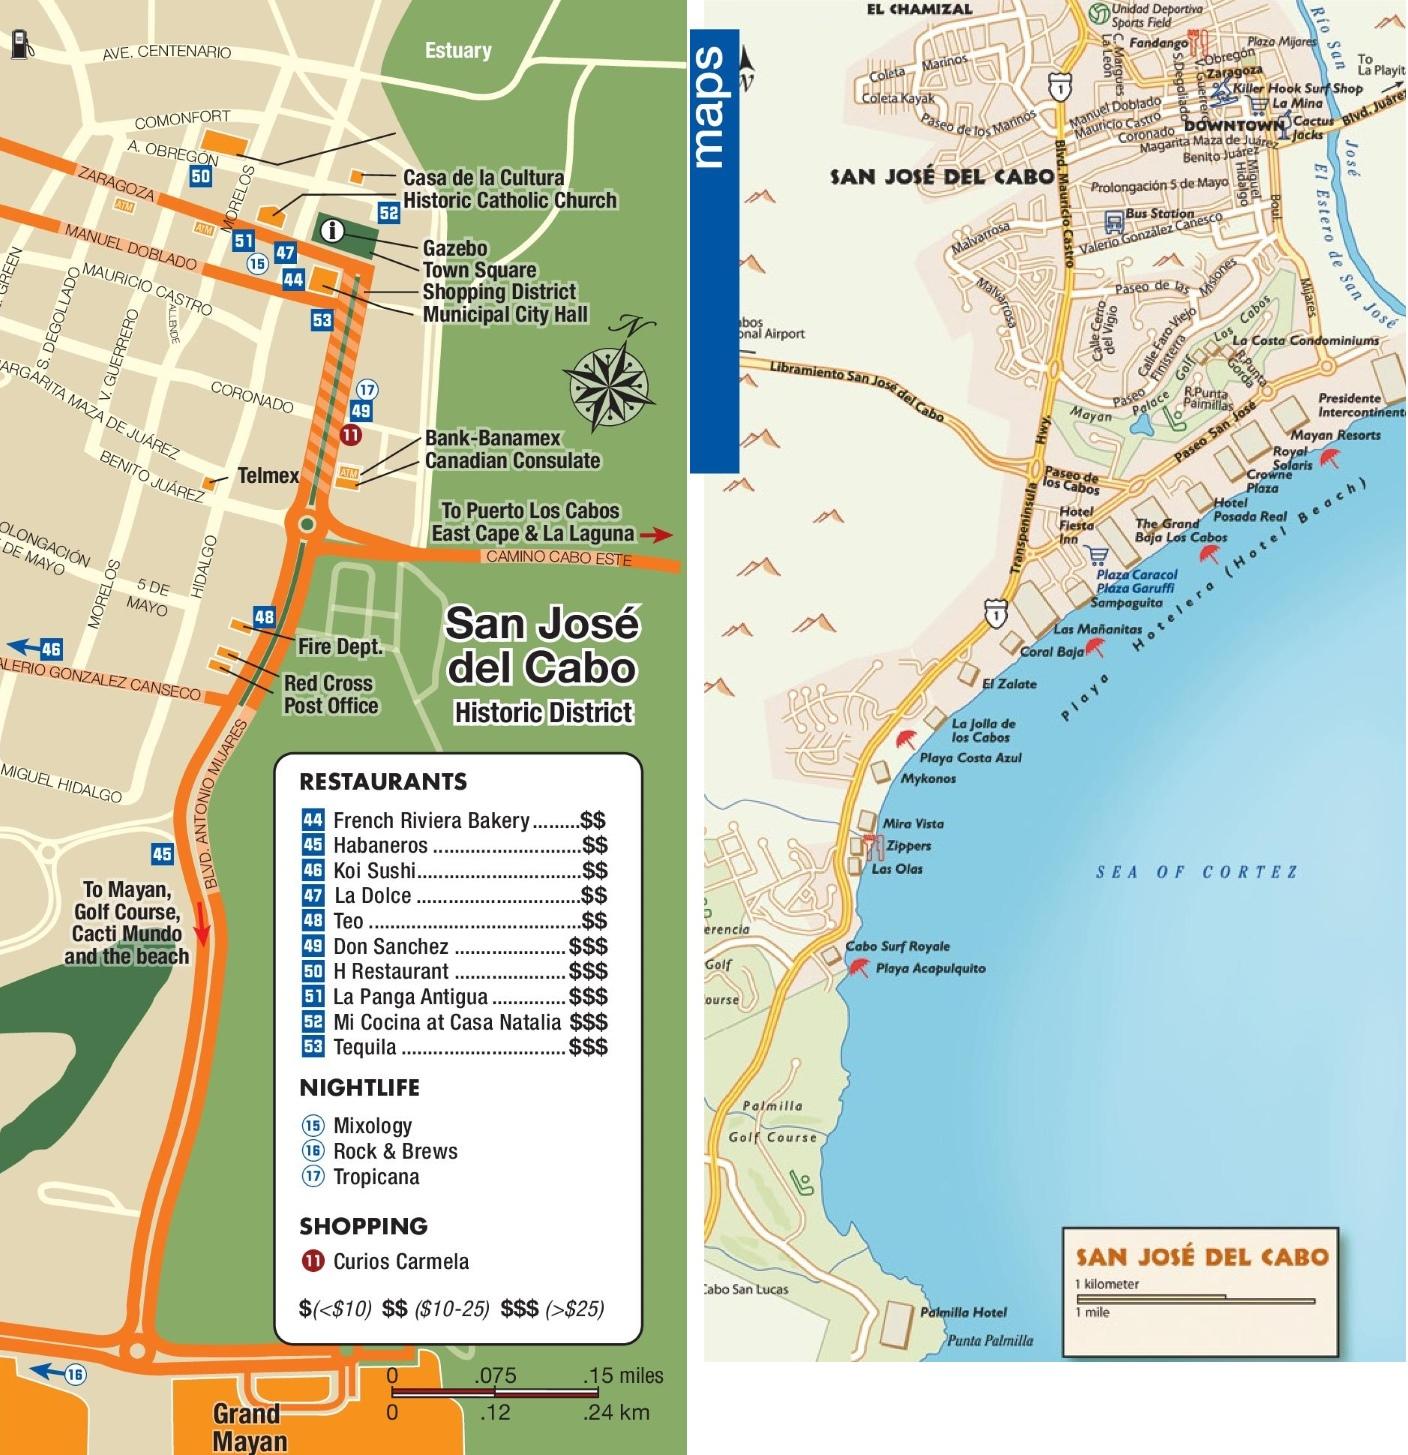 San Jose Del Cabo Mexico Map.San Jose Del Cabo Tourist Attractions Map